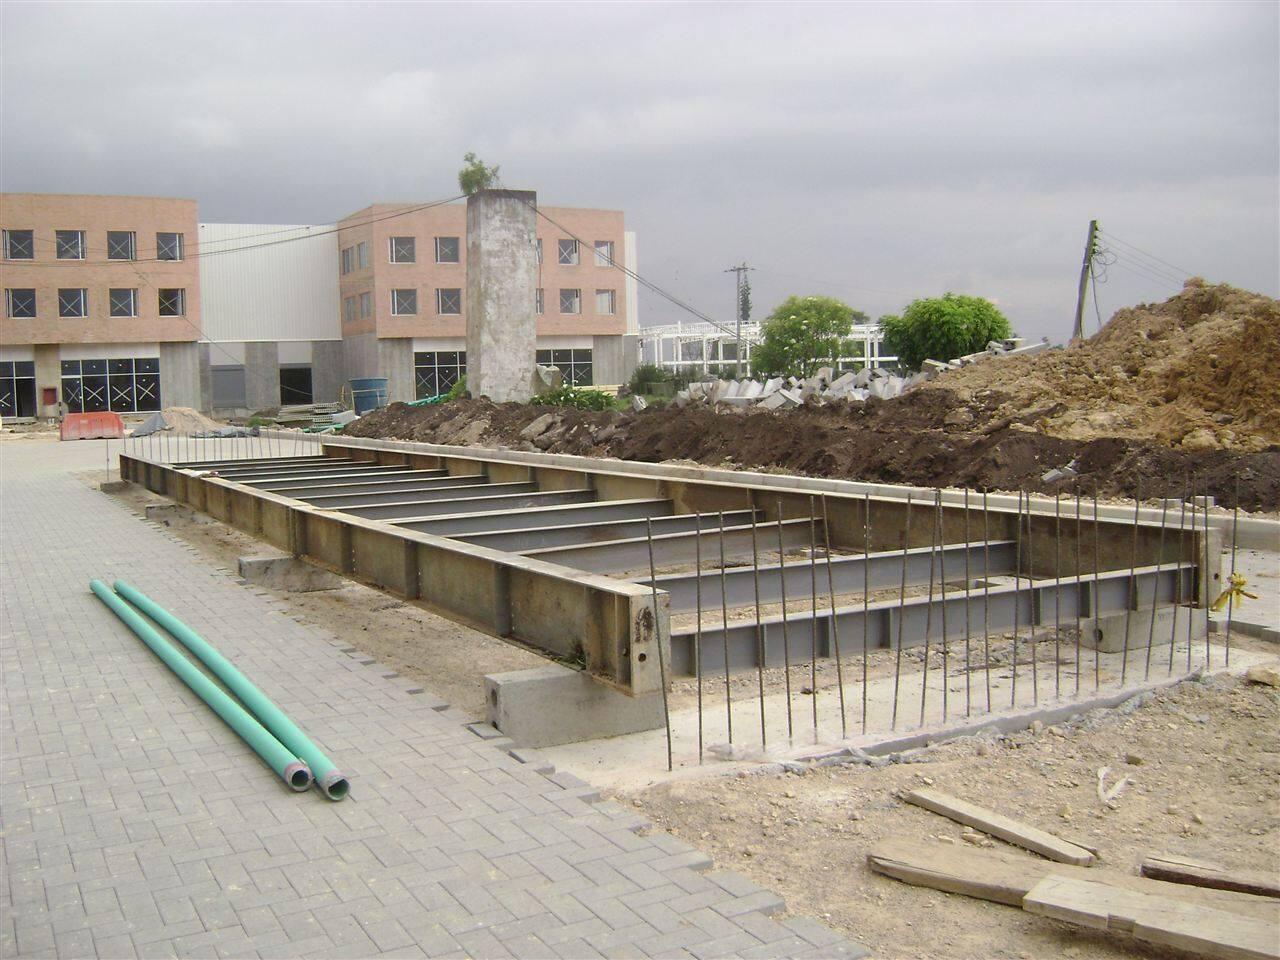 供应亚津混凝土式汽车衡 OEM加工生产汽车衡